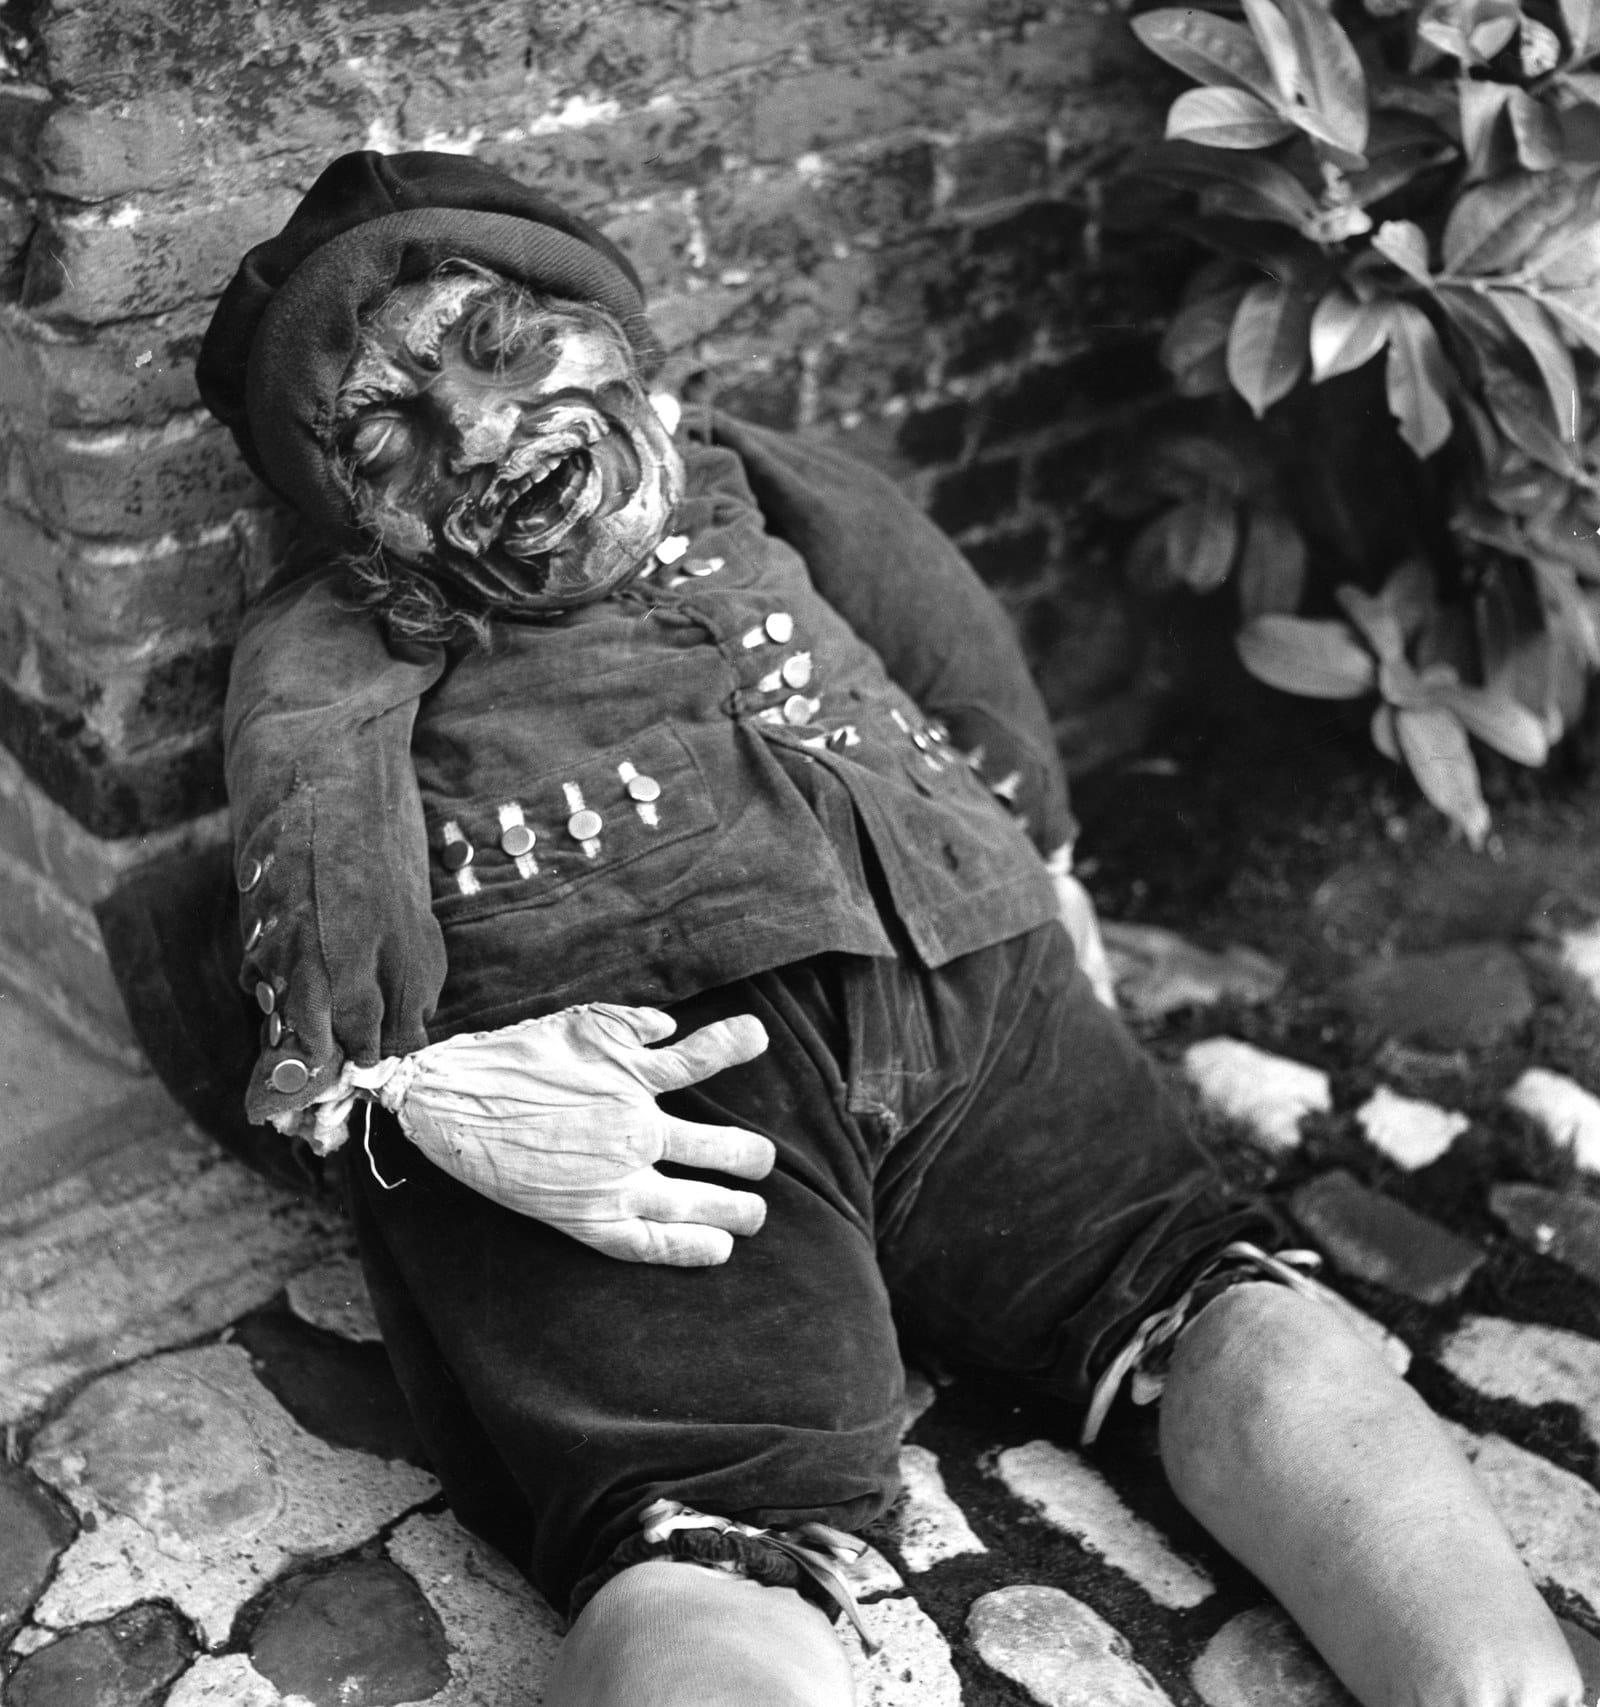 Дети и взрослые мастерили себе маски с изображением чудищ и монстров, чтобы злые духи призна